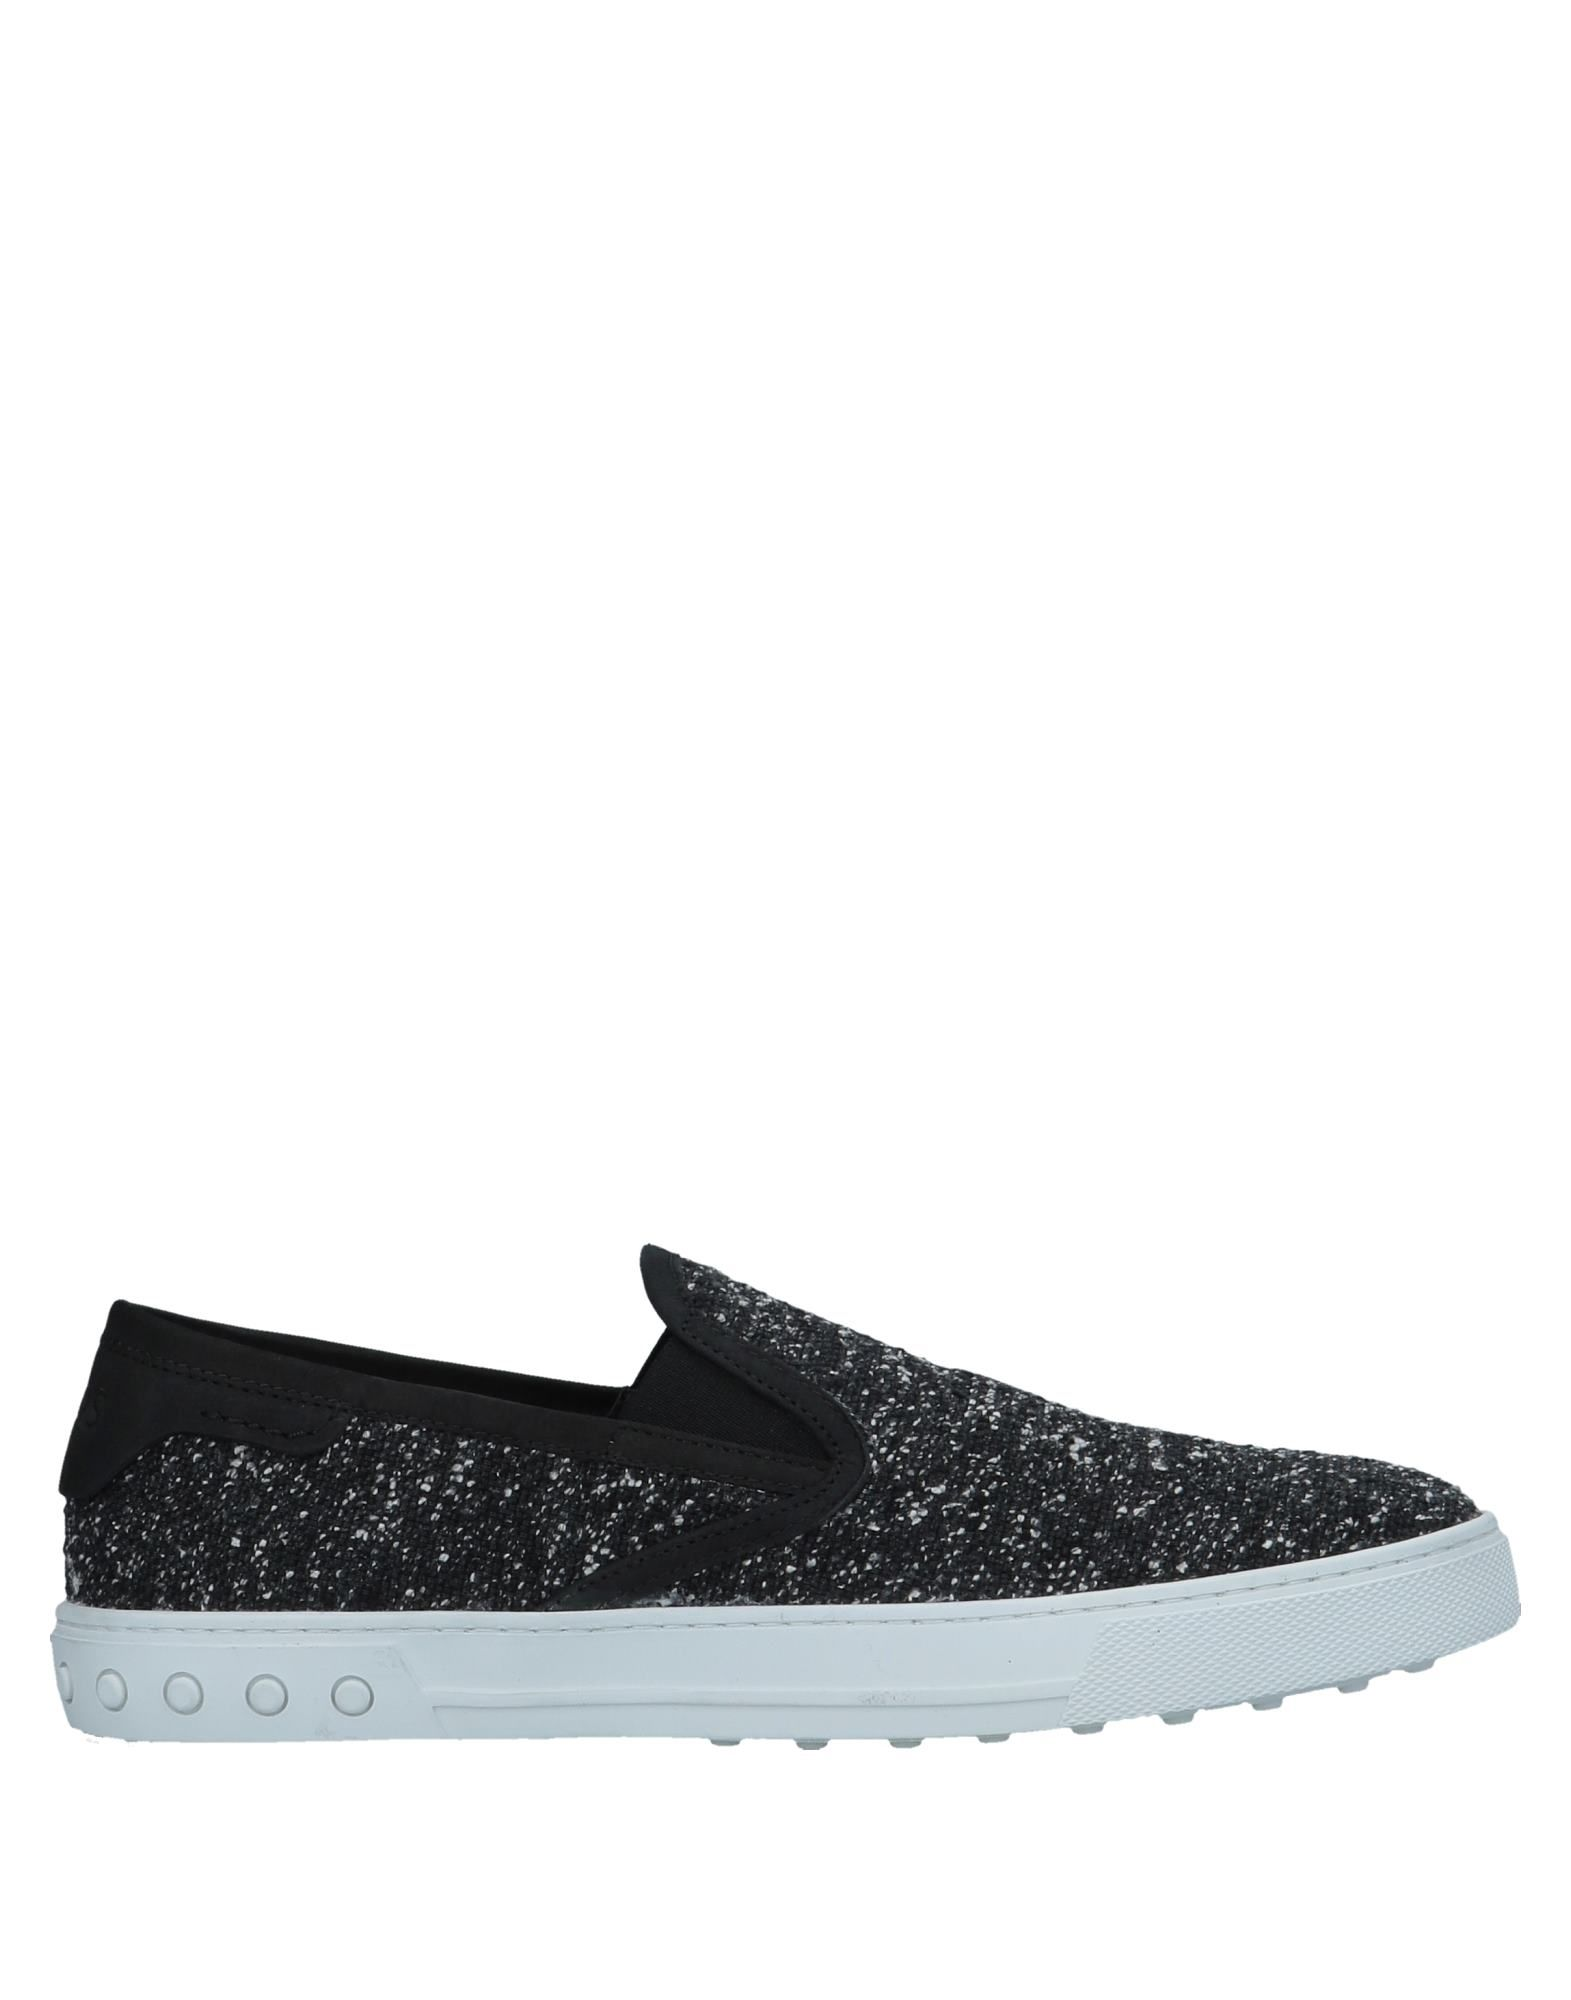 Tod's Gute Sneakers Herren  11542475XB Gute Tod's Qualität beliebte Schuhe 87954a